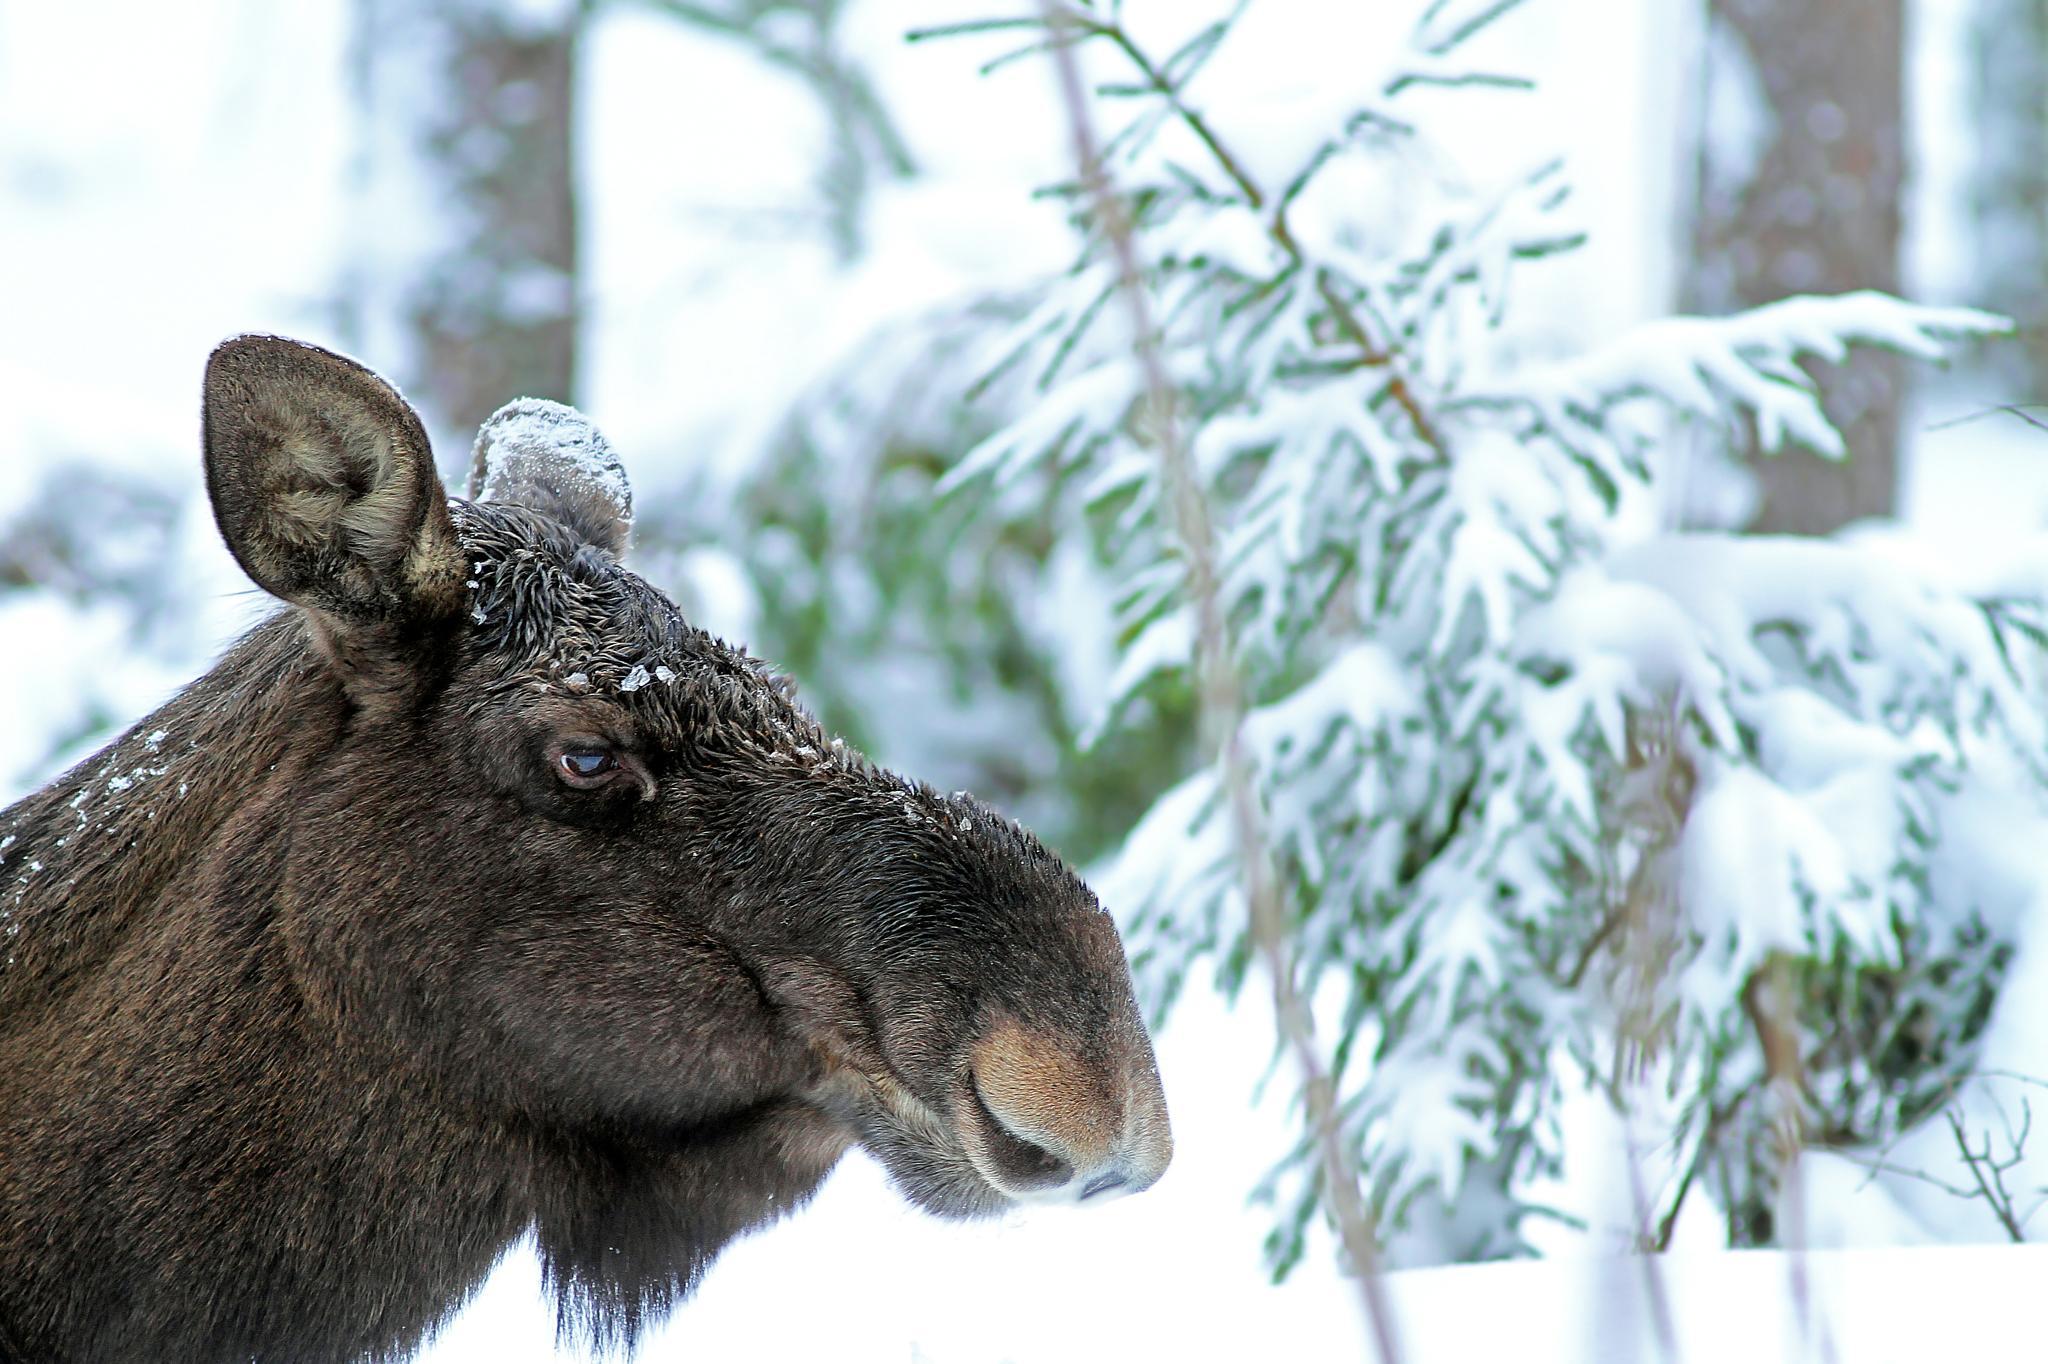 The elk is eating by SRFOTO